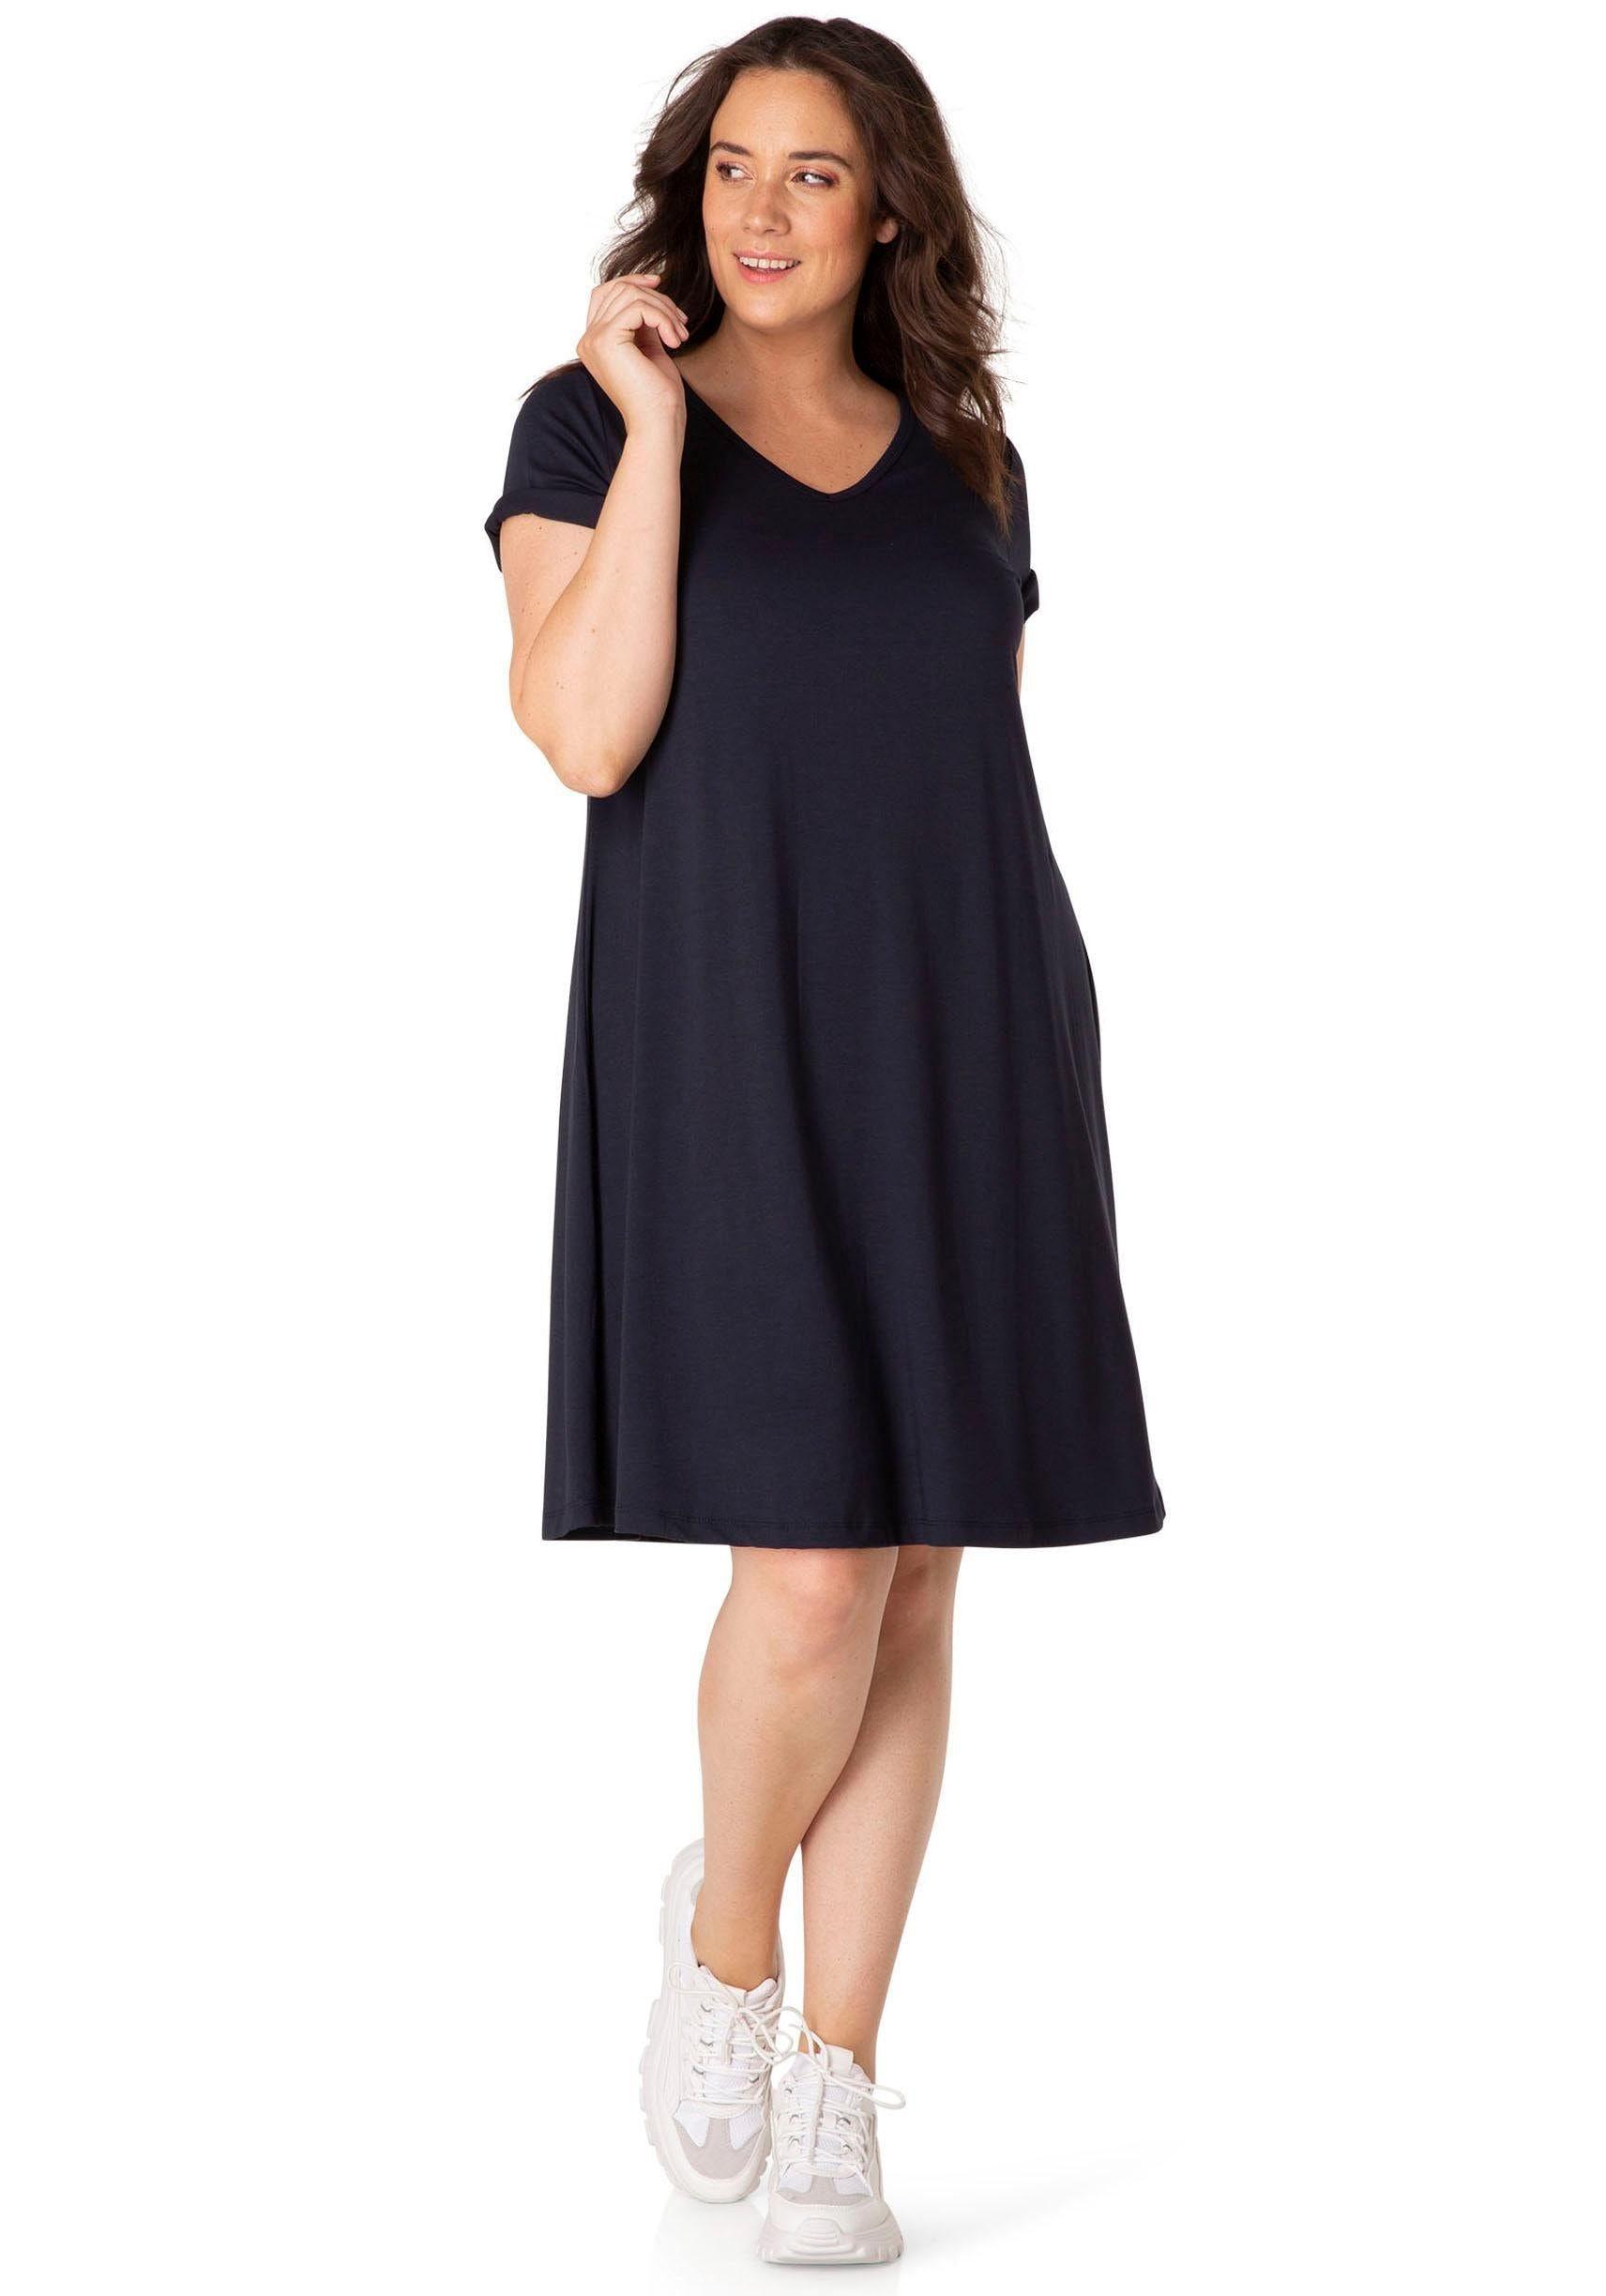 BSIC by Yesta Shirtkleid Abernathy Damenmode/Bekleidung/Kleider/Shirtkleider